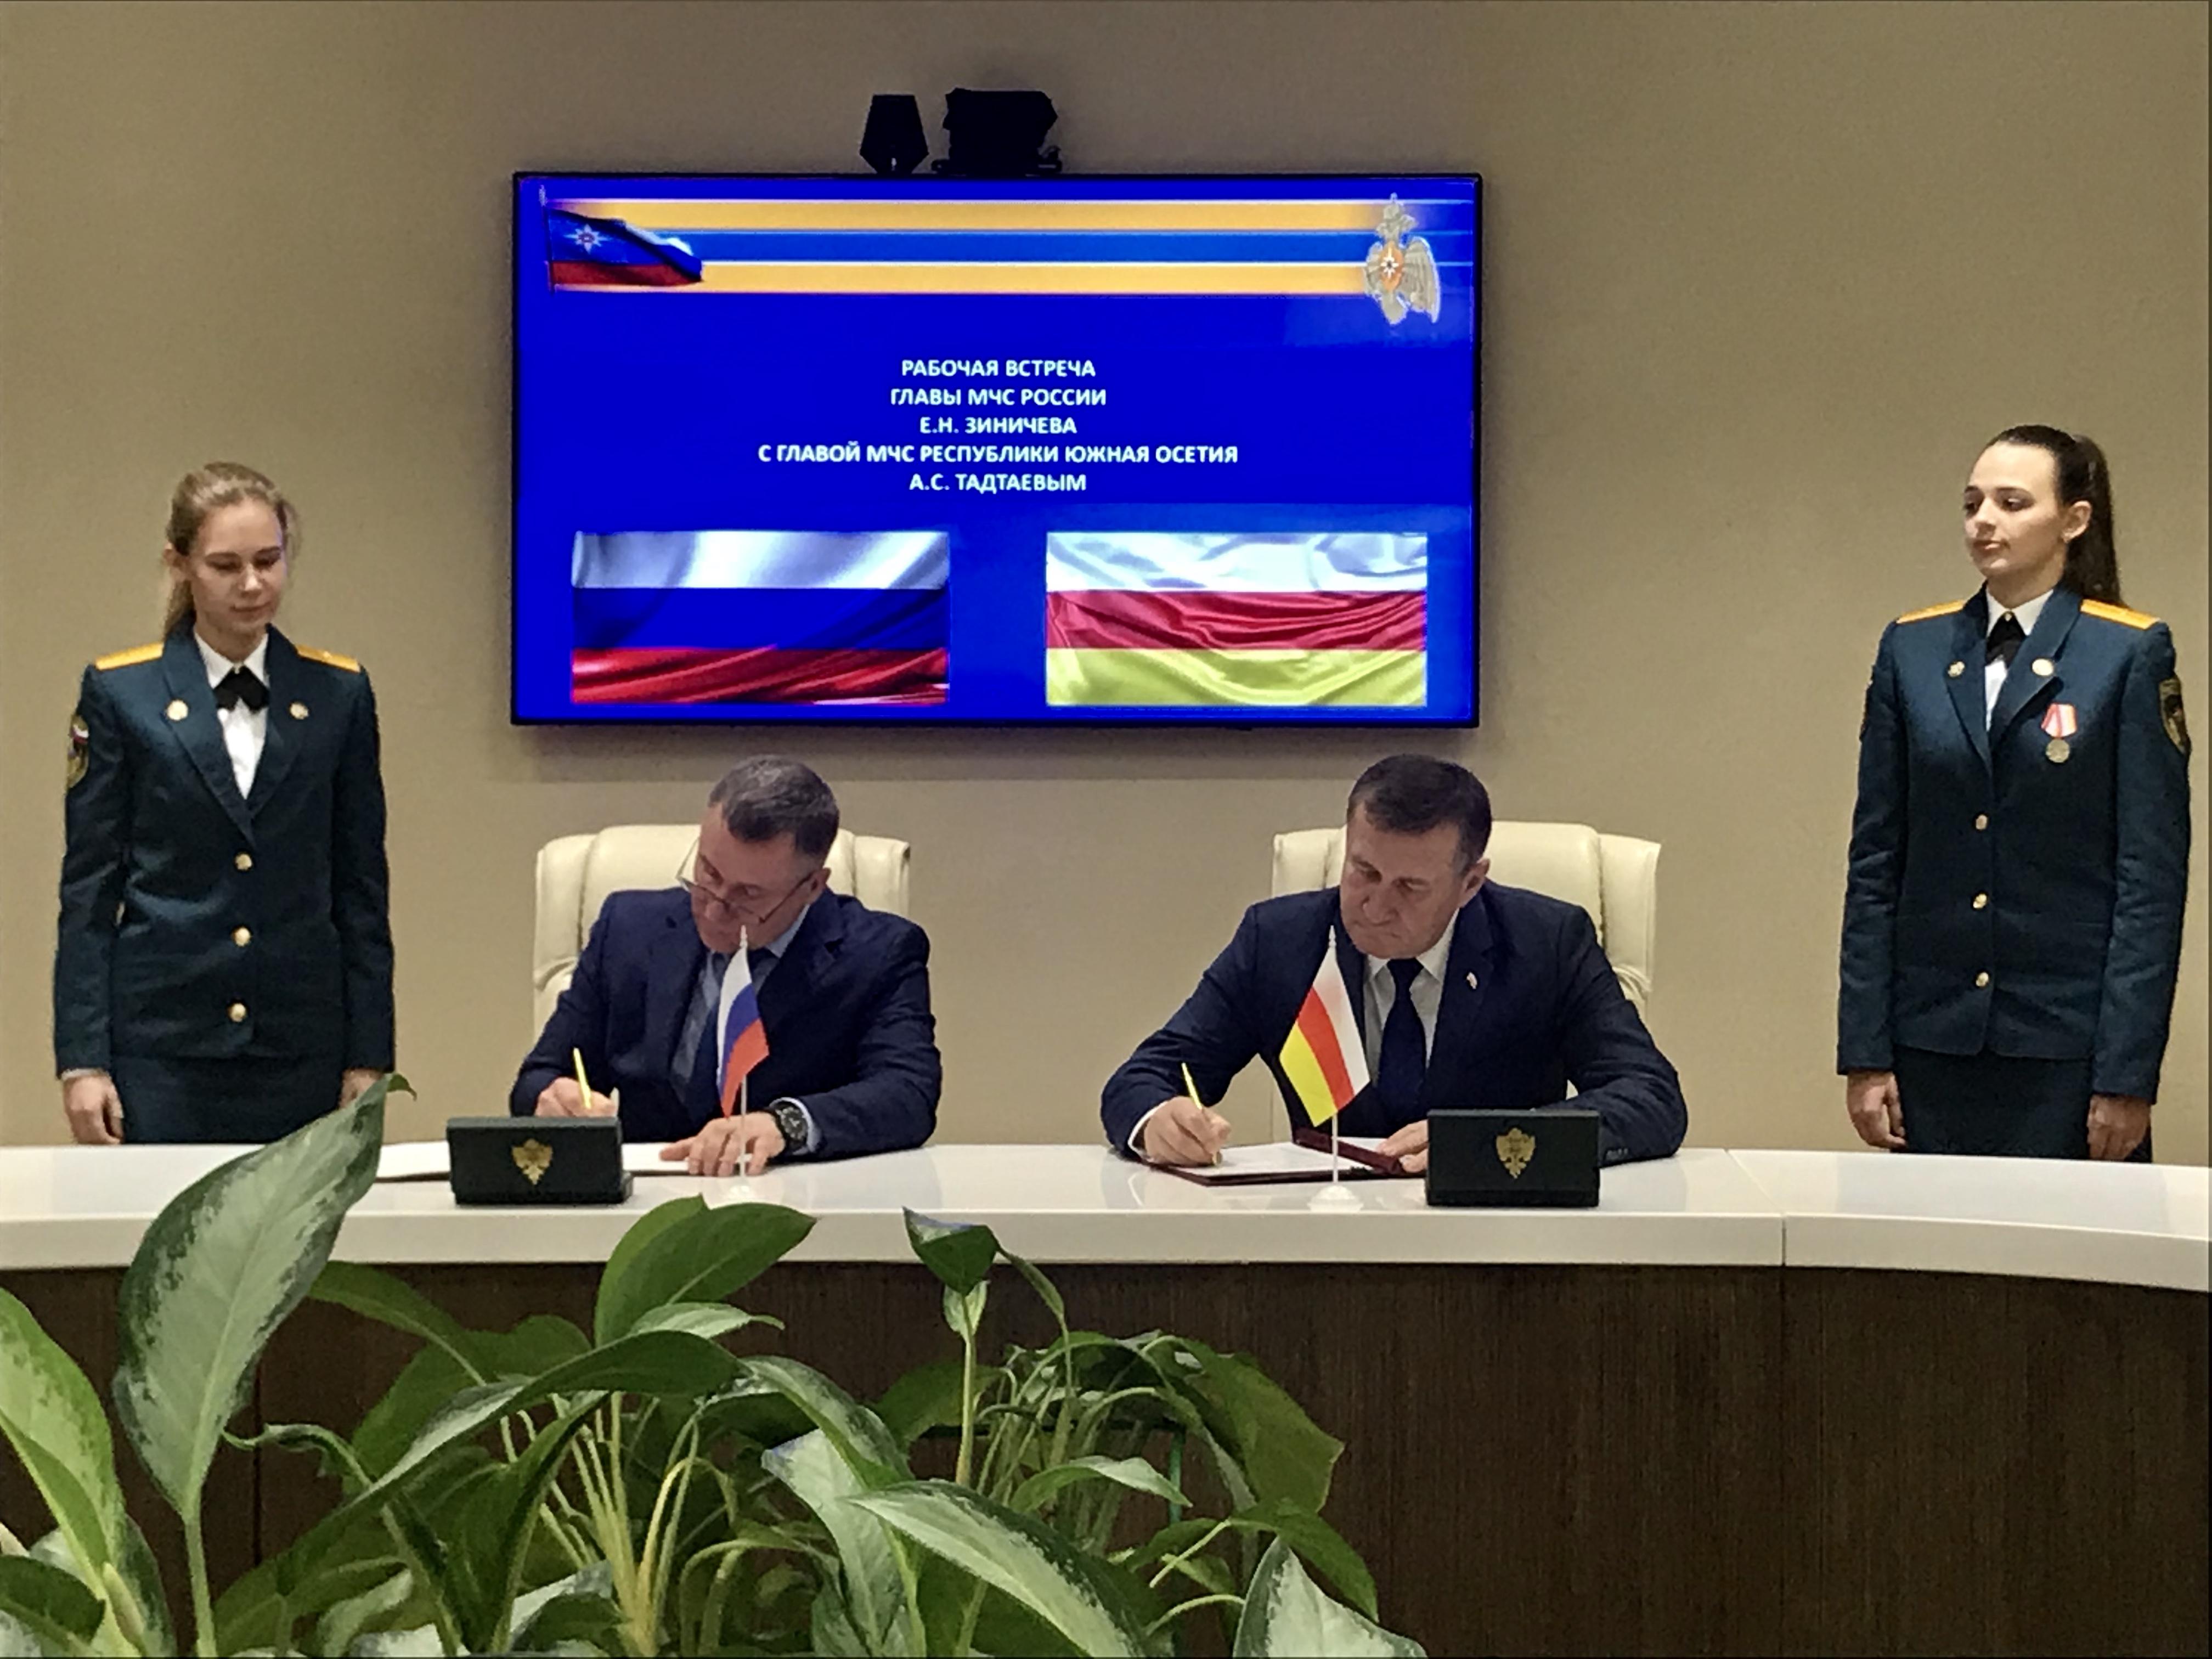 В развитие сотрудничества в области предупреждения и ликвидации чрезвычайных ситуаций Главами МЧС России и Южной Осетии в Москве подписан Протокол